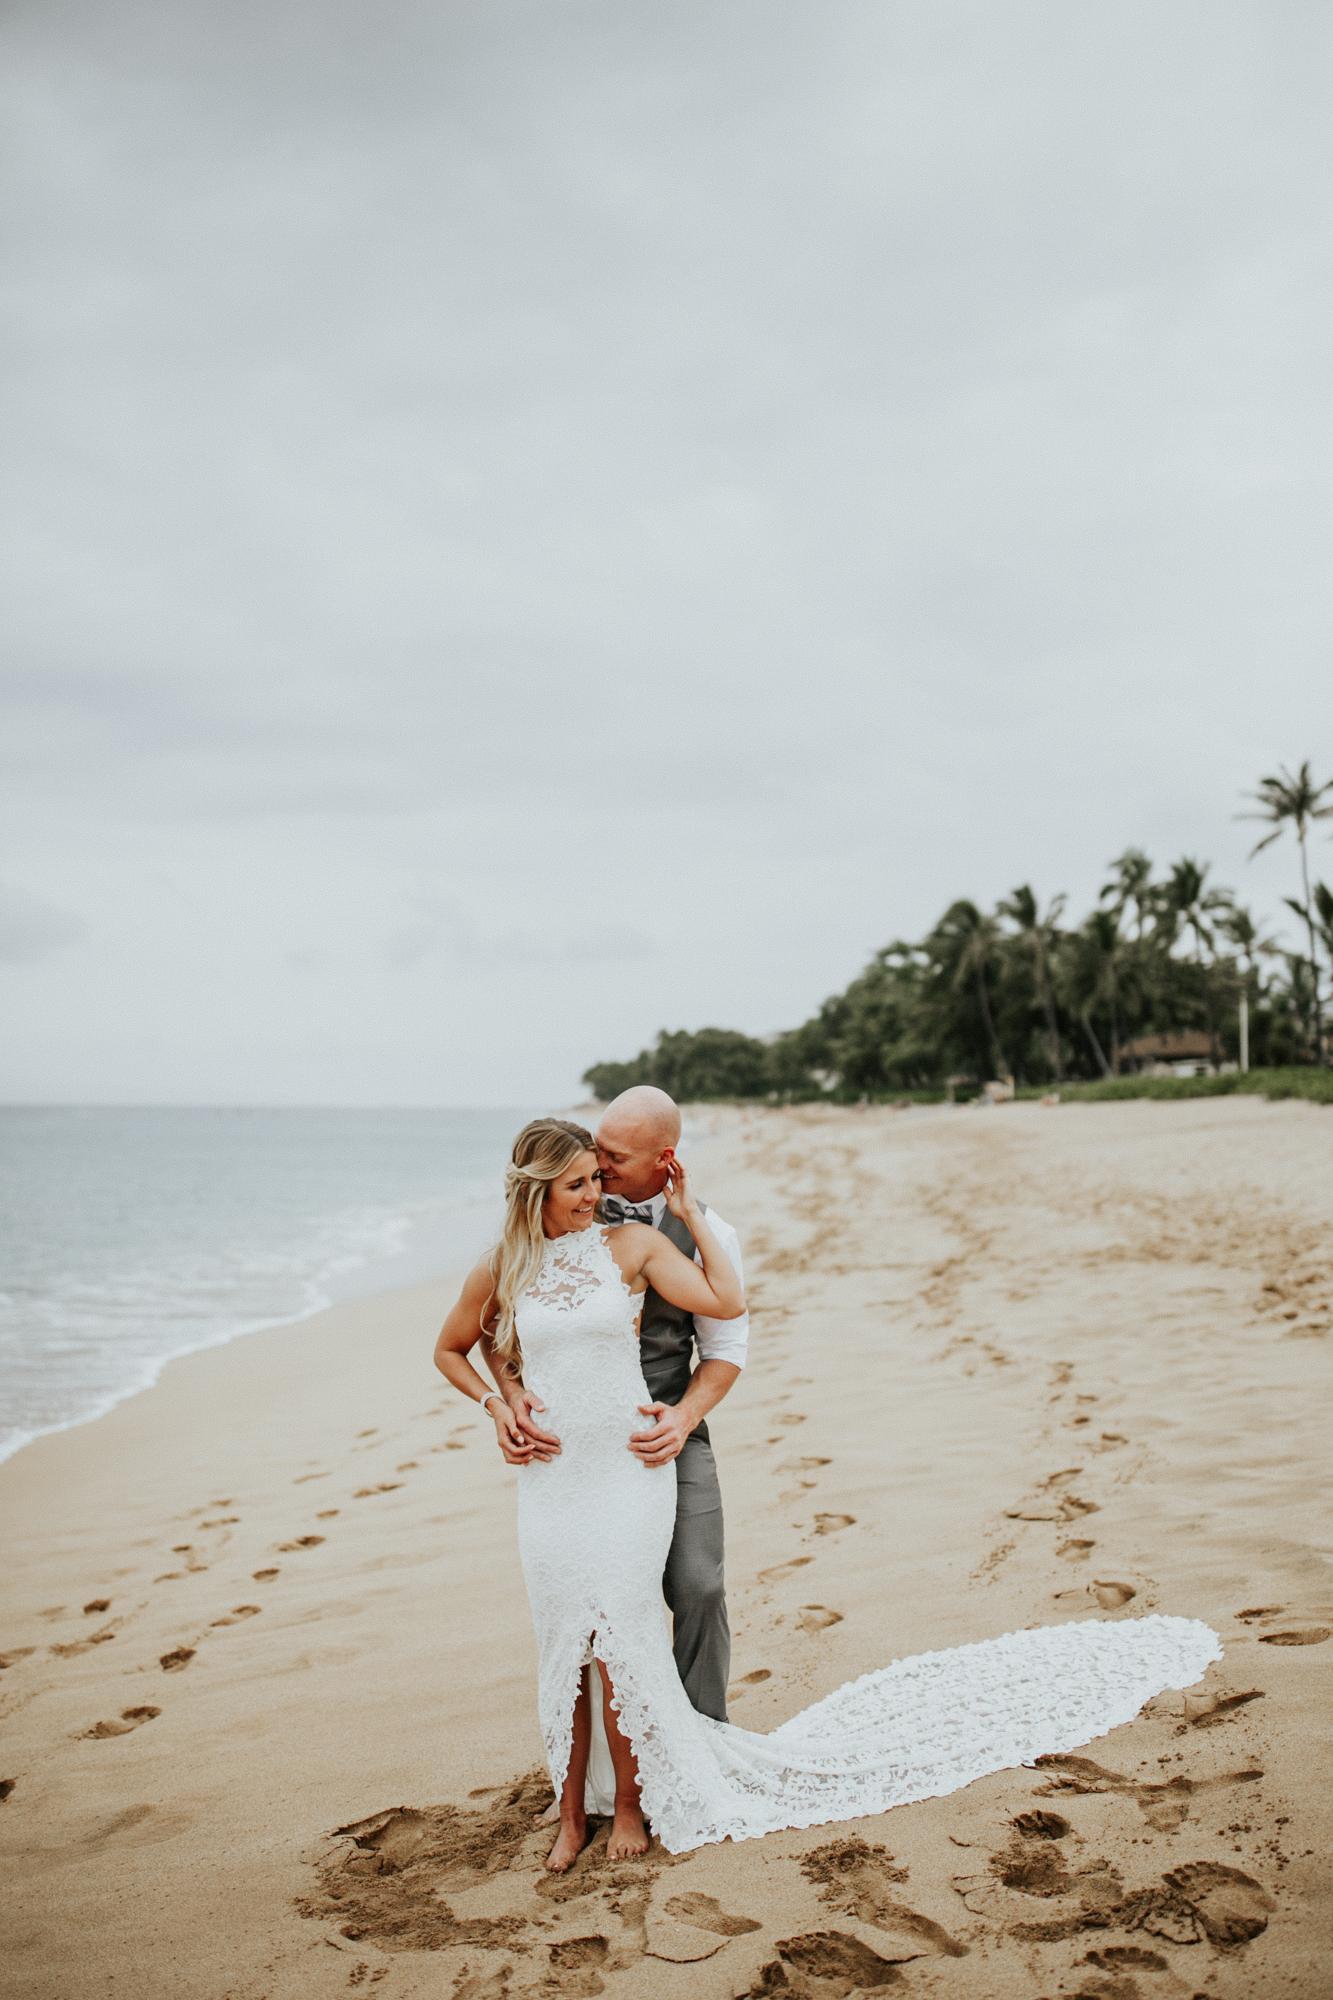 destination-wedding-photographer-hawaii-maui-elopement-45.jpg